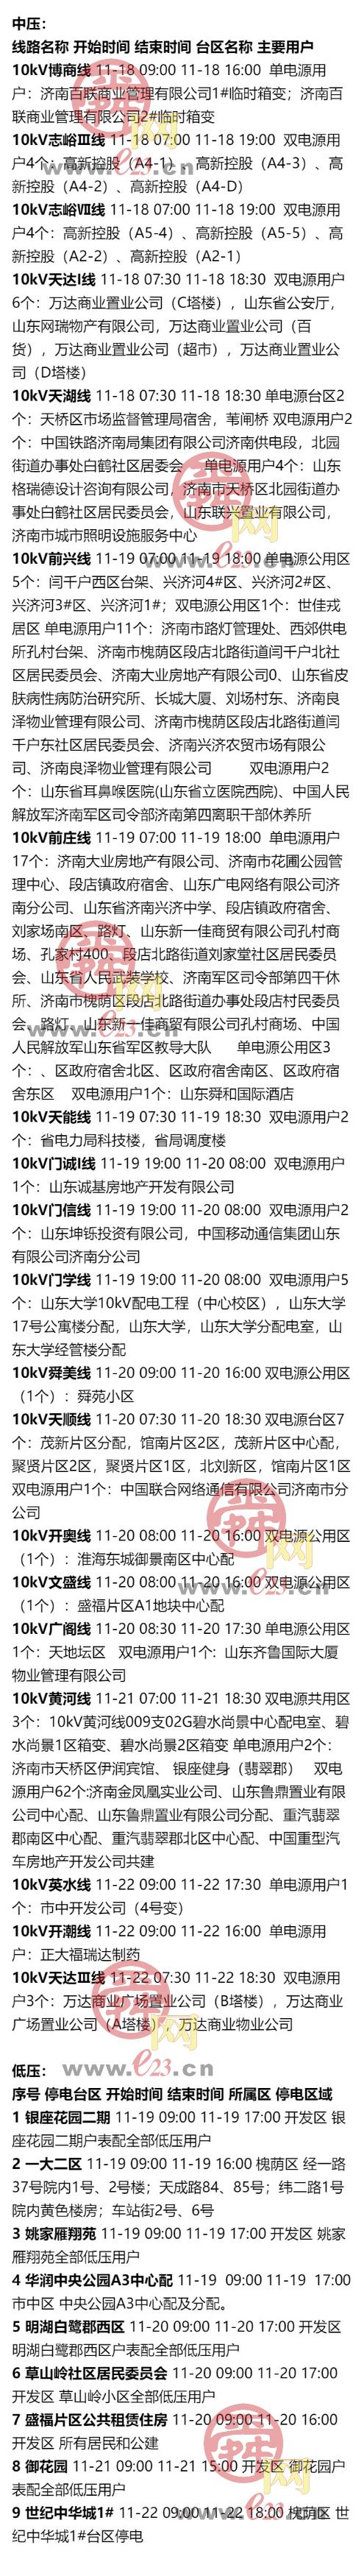 11月16日至11月22日济南部分区域电力设备检修通知